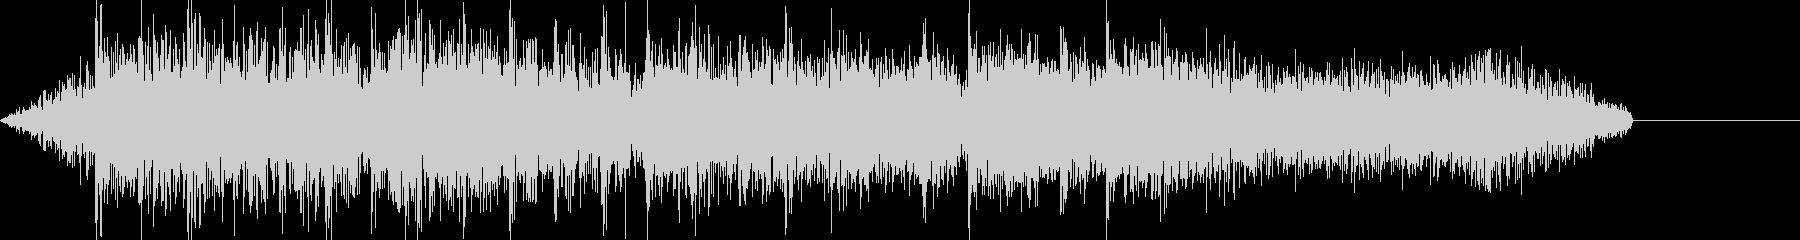 ボーナス確定 レベルアップ音の未再生の波形